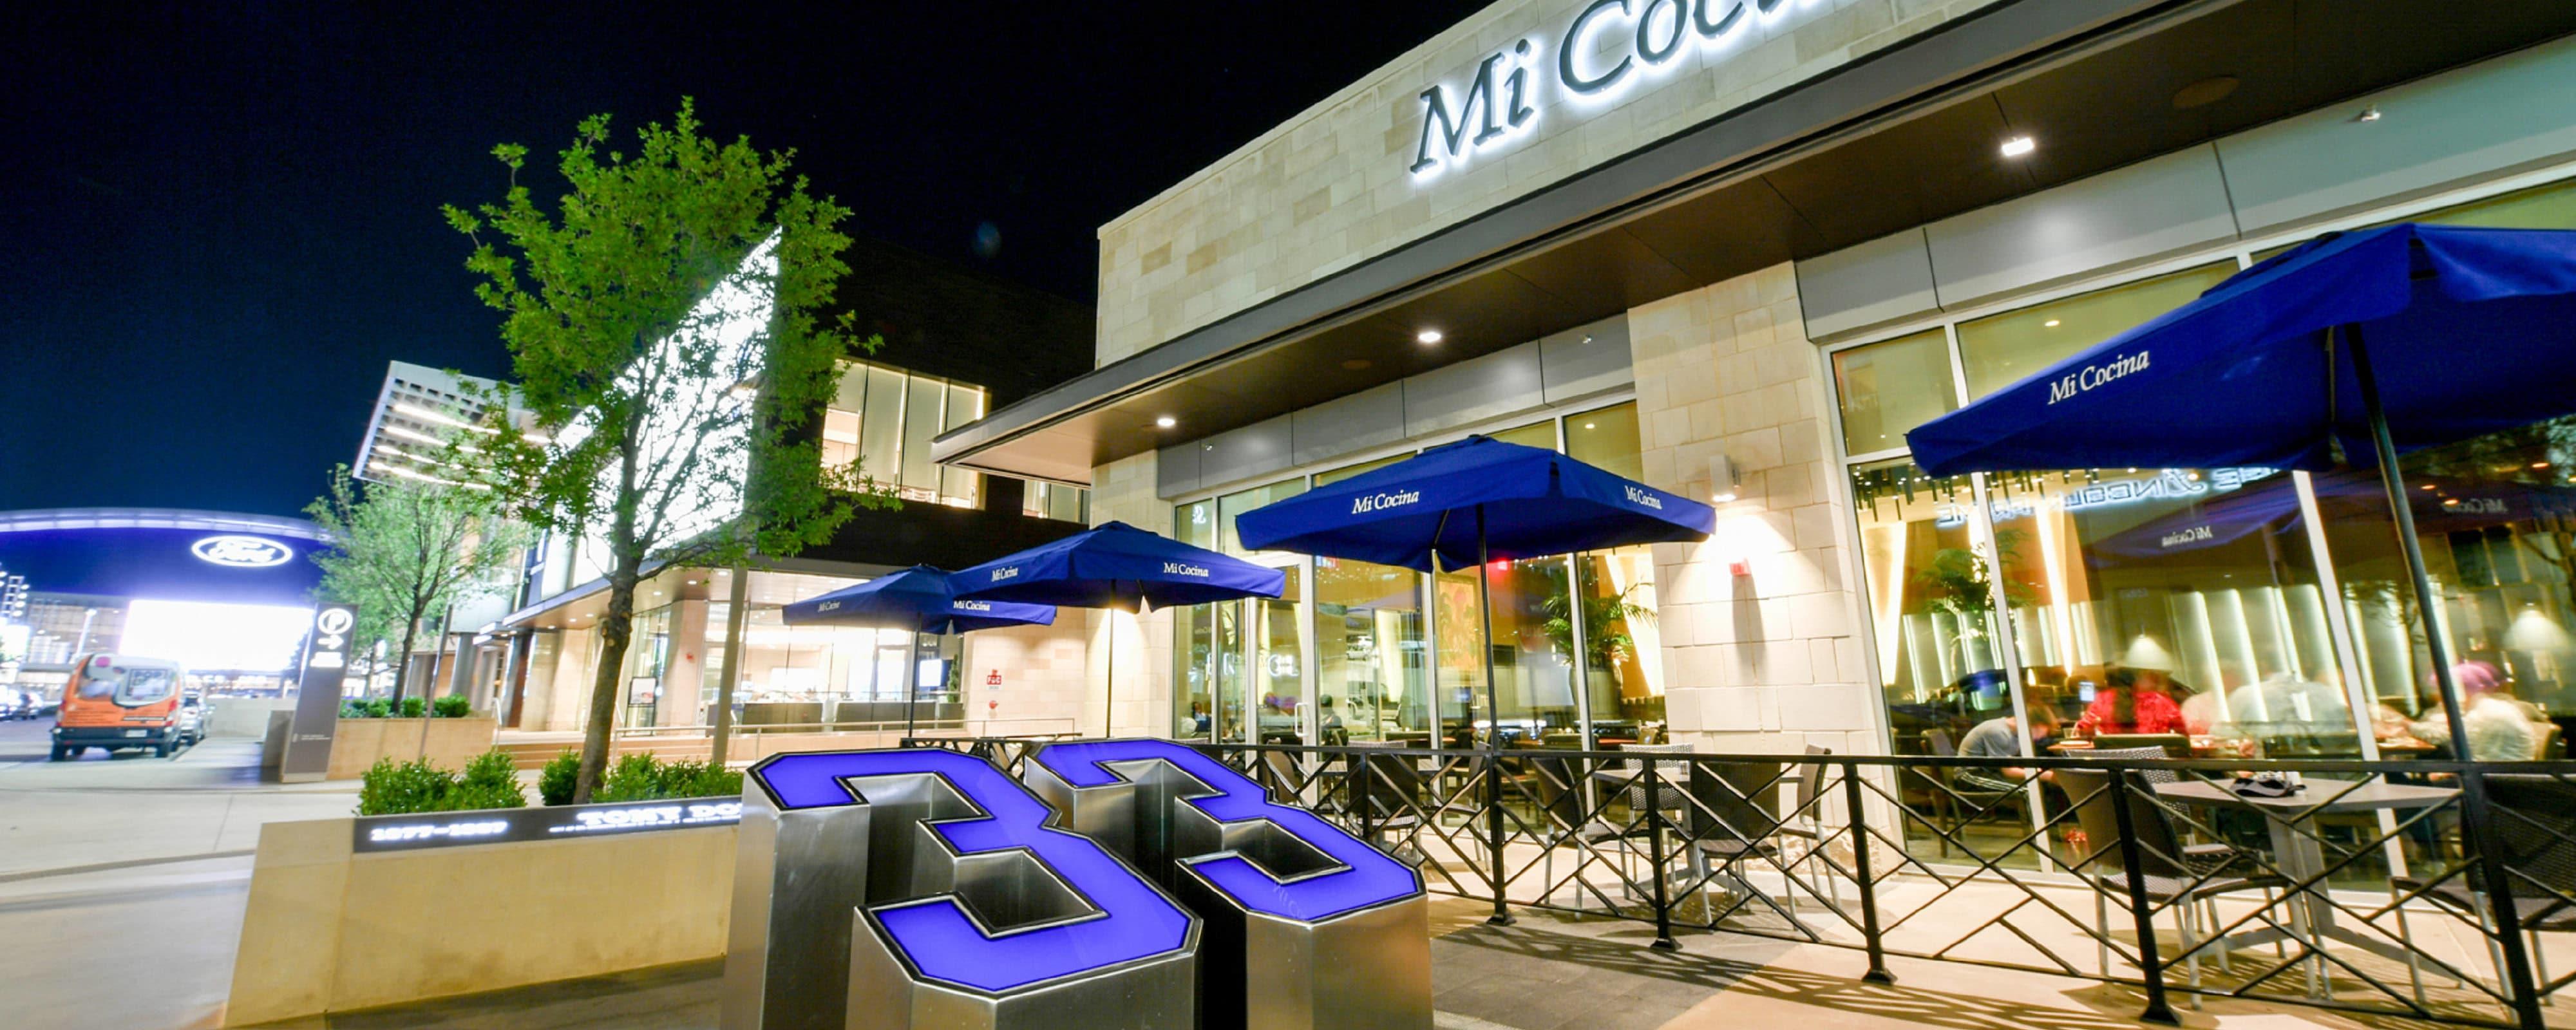 Hotel Near Shops At Legacy Ford Center Frisco Tx Ac Hotel Dallas Frisco Ό,τι είδος επιχείρησης και να έχετε μπορούμε να σας βοηθήσουμε να την εξοπλίσετε. ac hotel dallas frisco